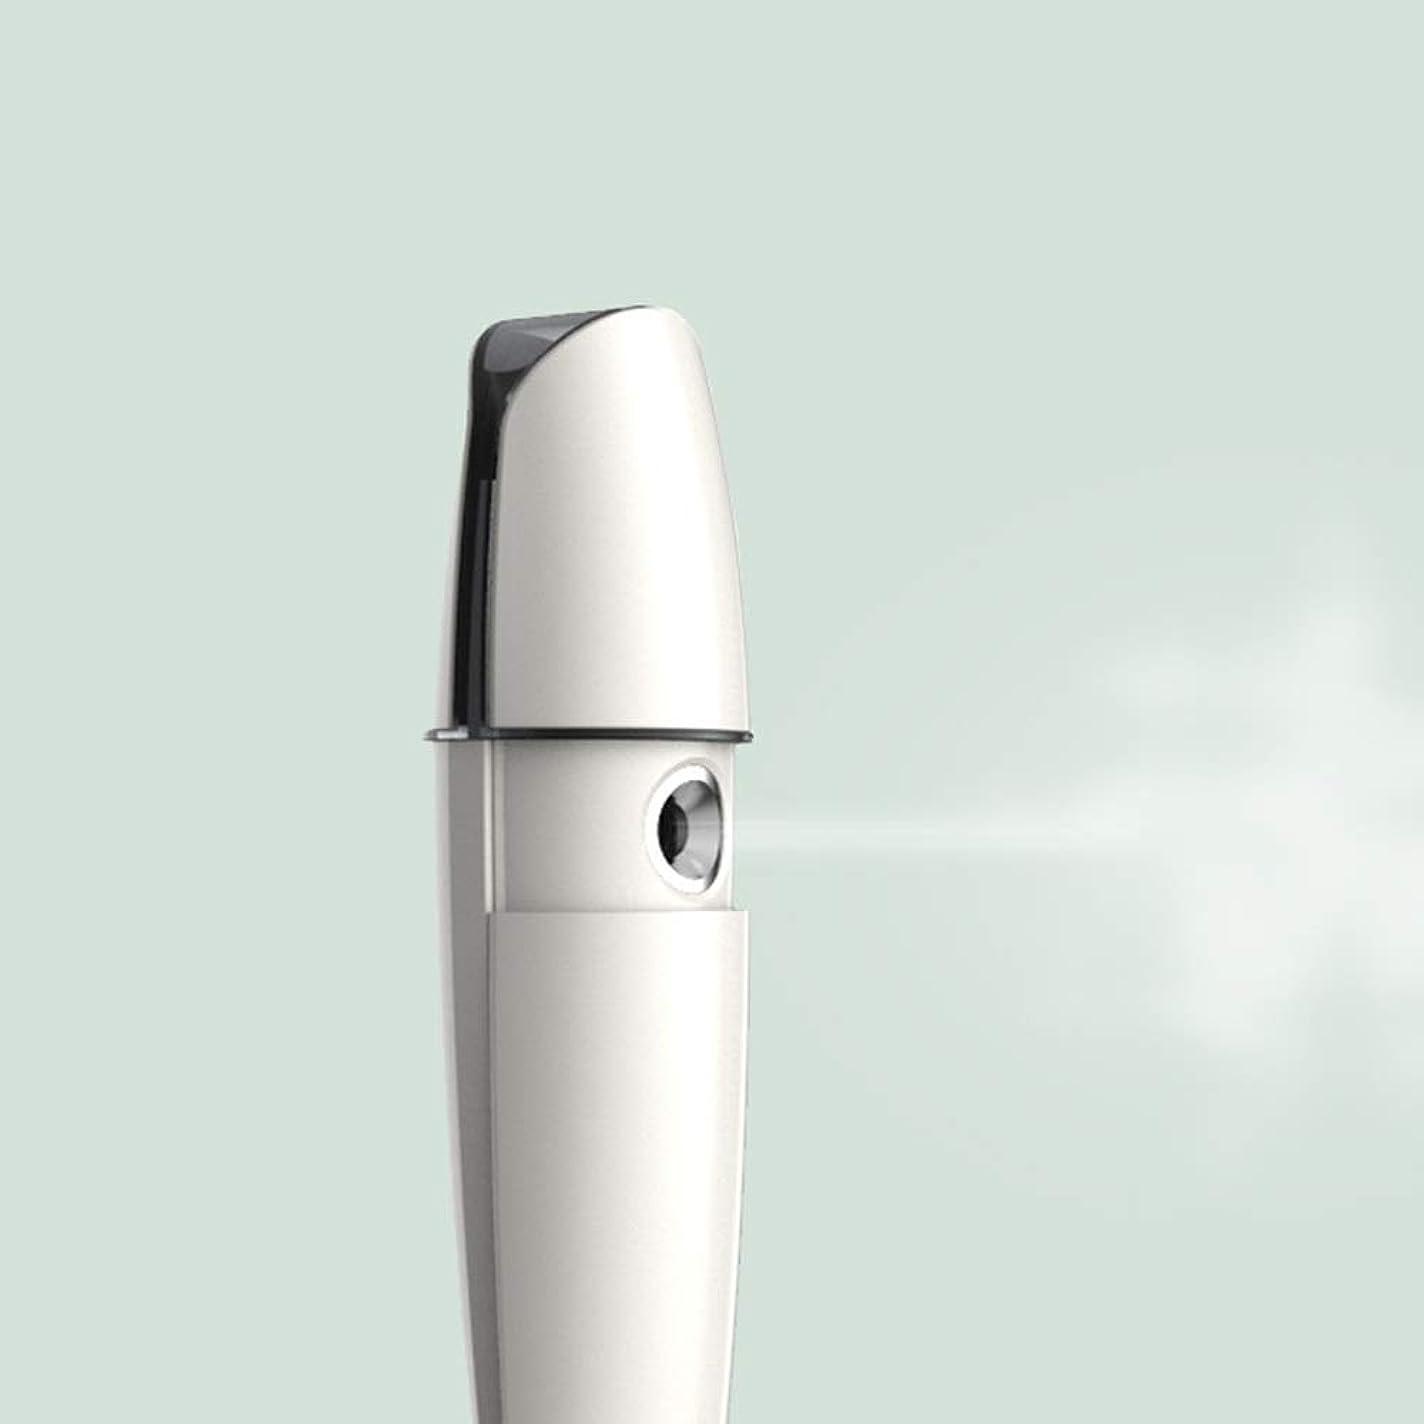 無駄だ案件通行人ZXF 充電式コールドスプレー機家庭用スチームフェイス美容機器ナノスプレーフェイス加湿水道メーターホワイトABS素材 滑らかである